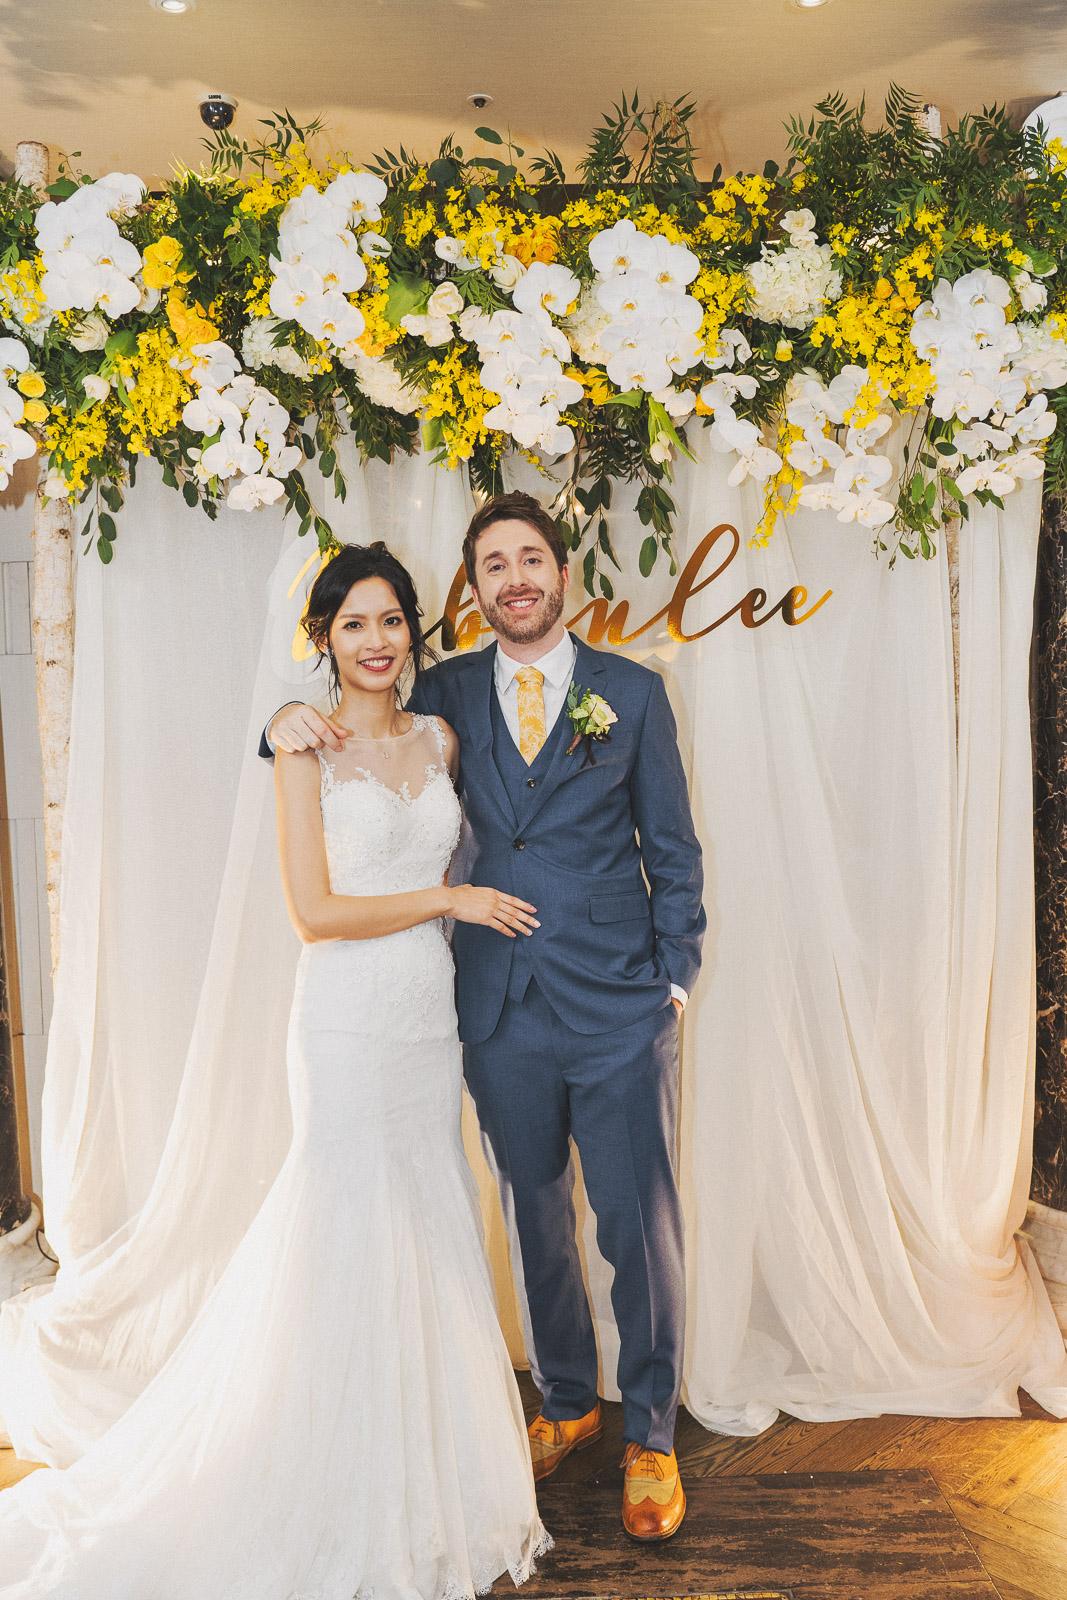 美式婚禮攝影師,日系溫暖,婚禮佈置